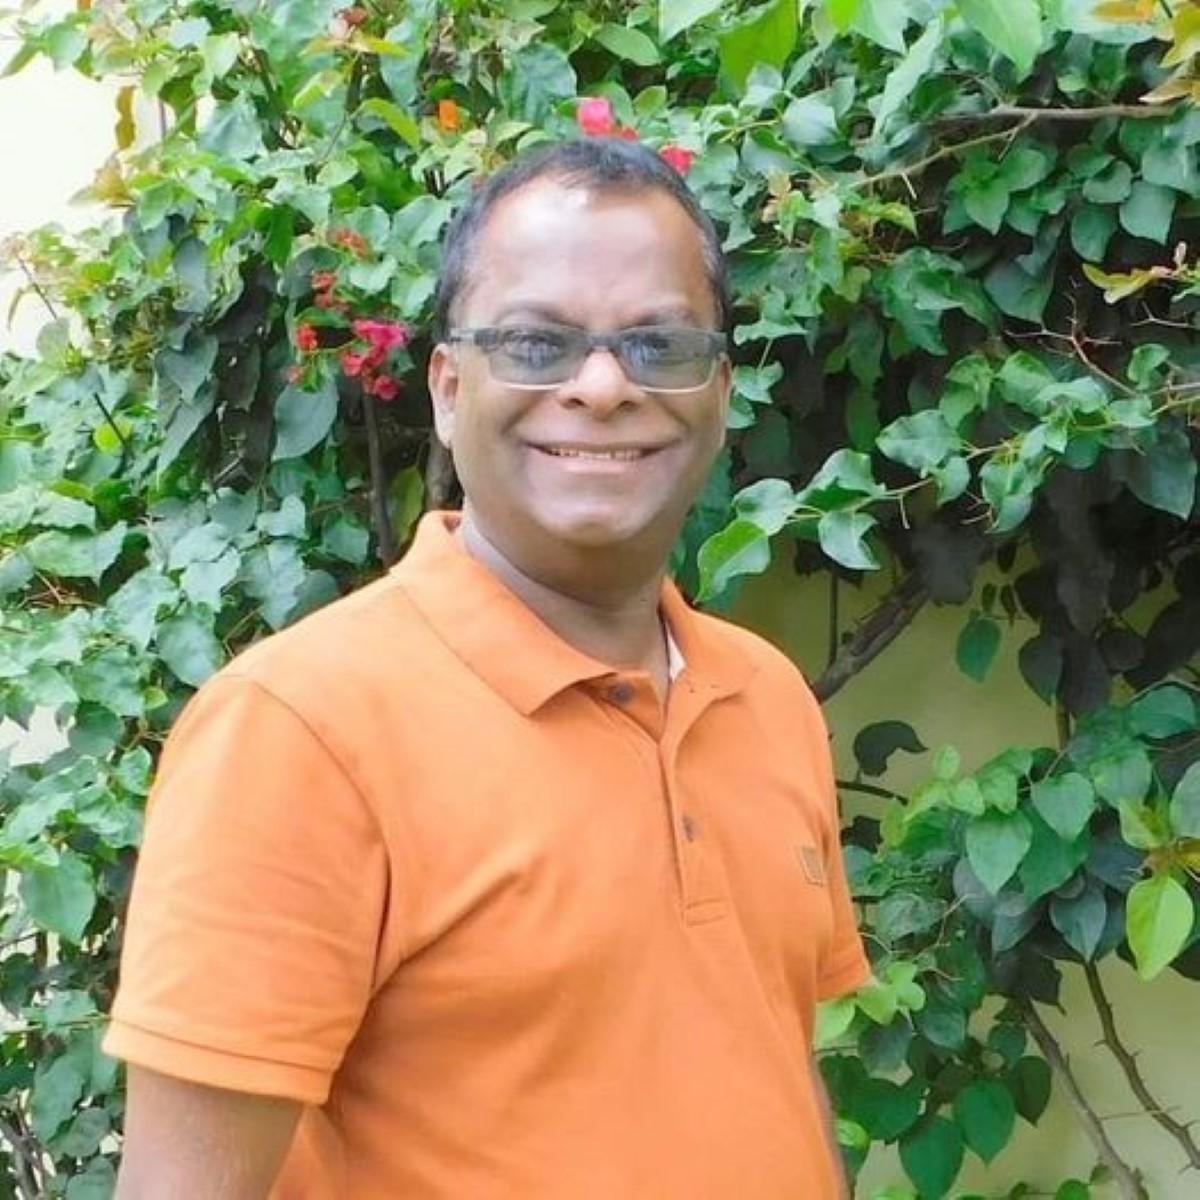 Le chairman de la Mauritius Ports Authority, Maistry porte plainte pour quoi ?